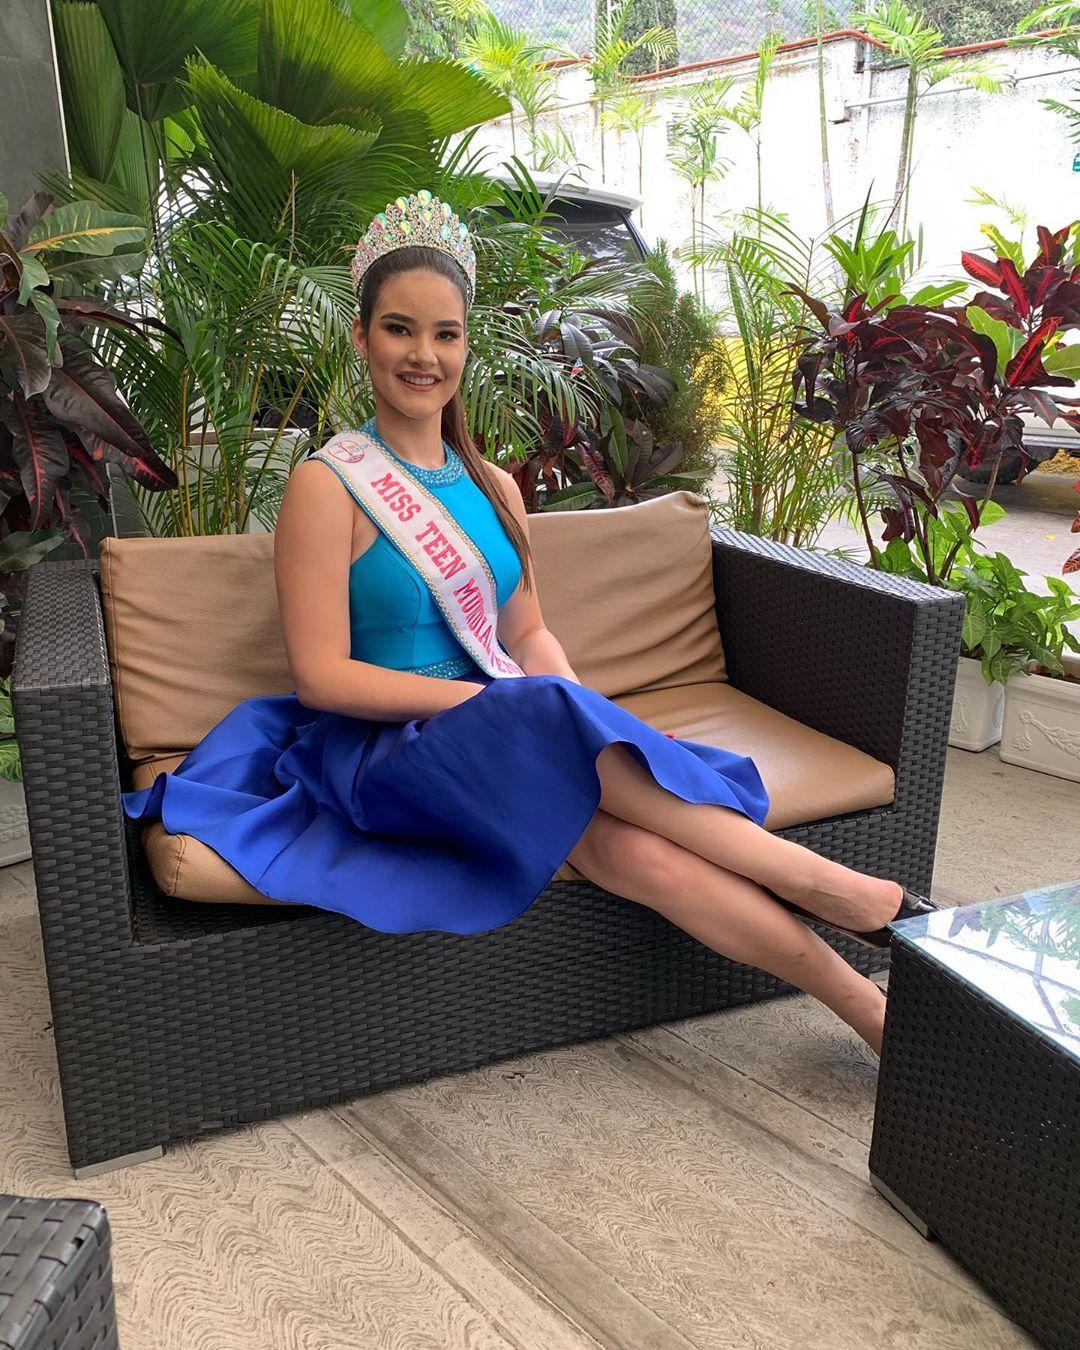 daniela di venere, top 12 de miss teen mundial 2019. 58933510